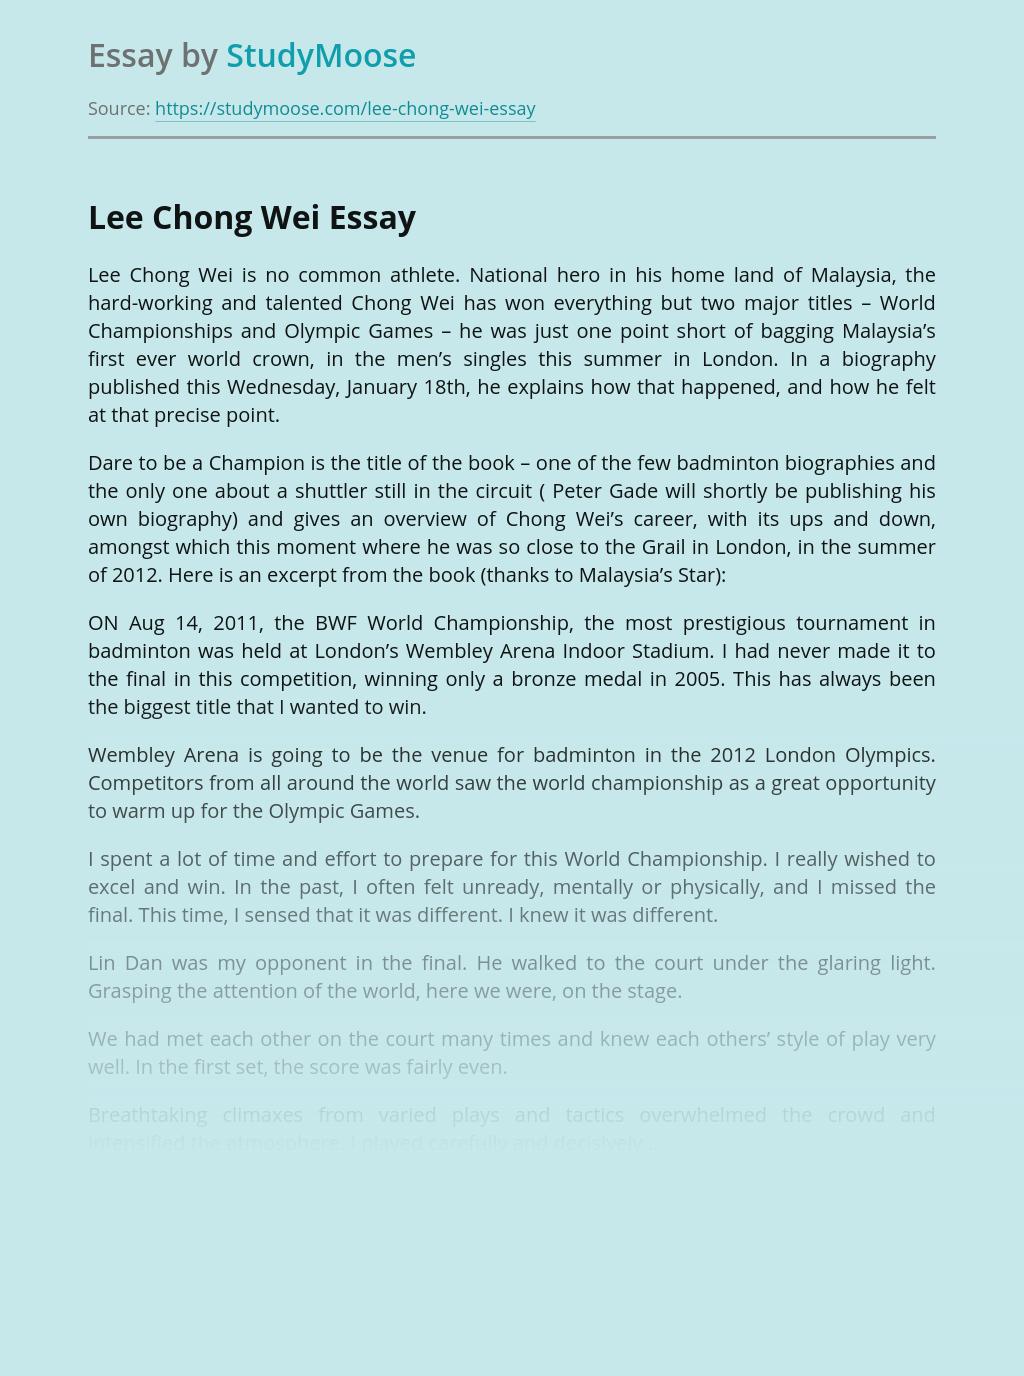 Malaysian badminton player Lee Chong Wei